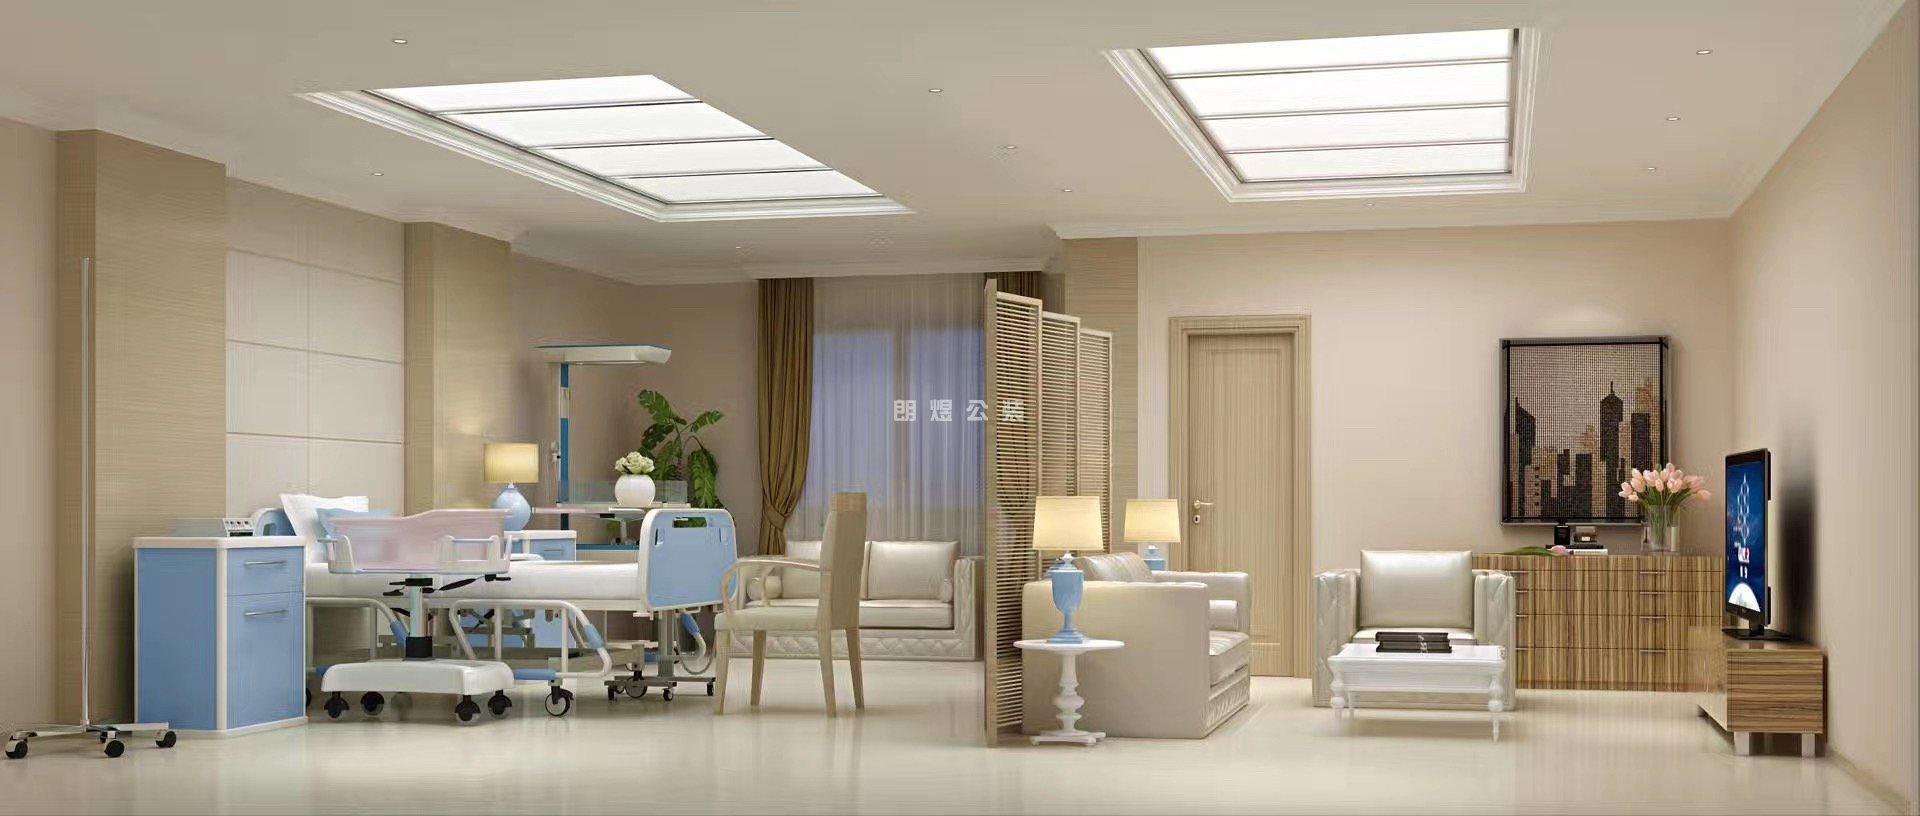 高端妇产医院手术室设计装修效果图